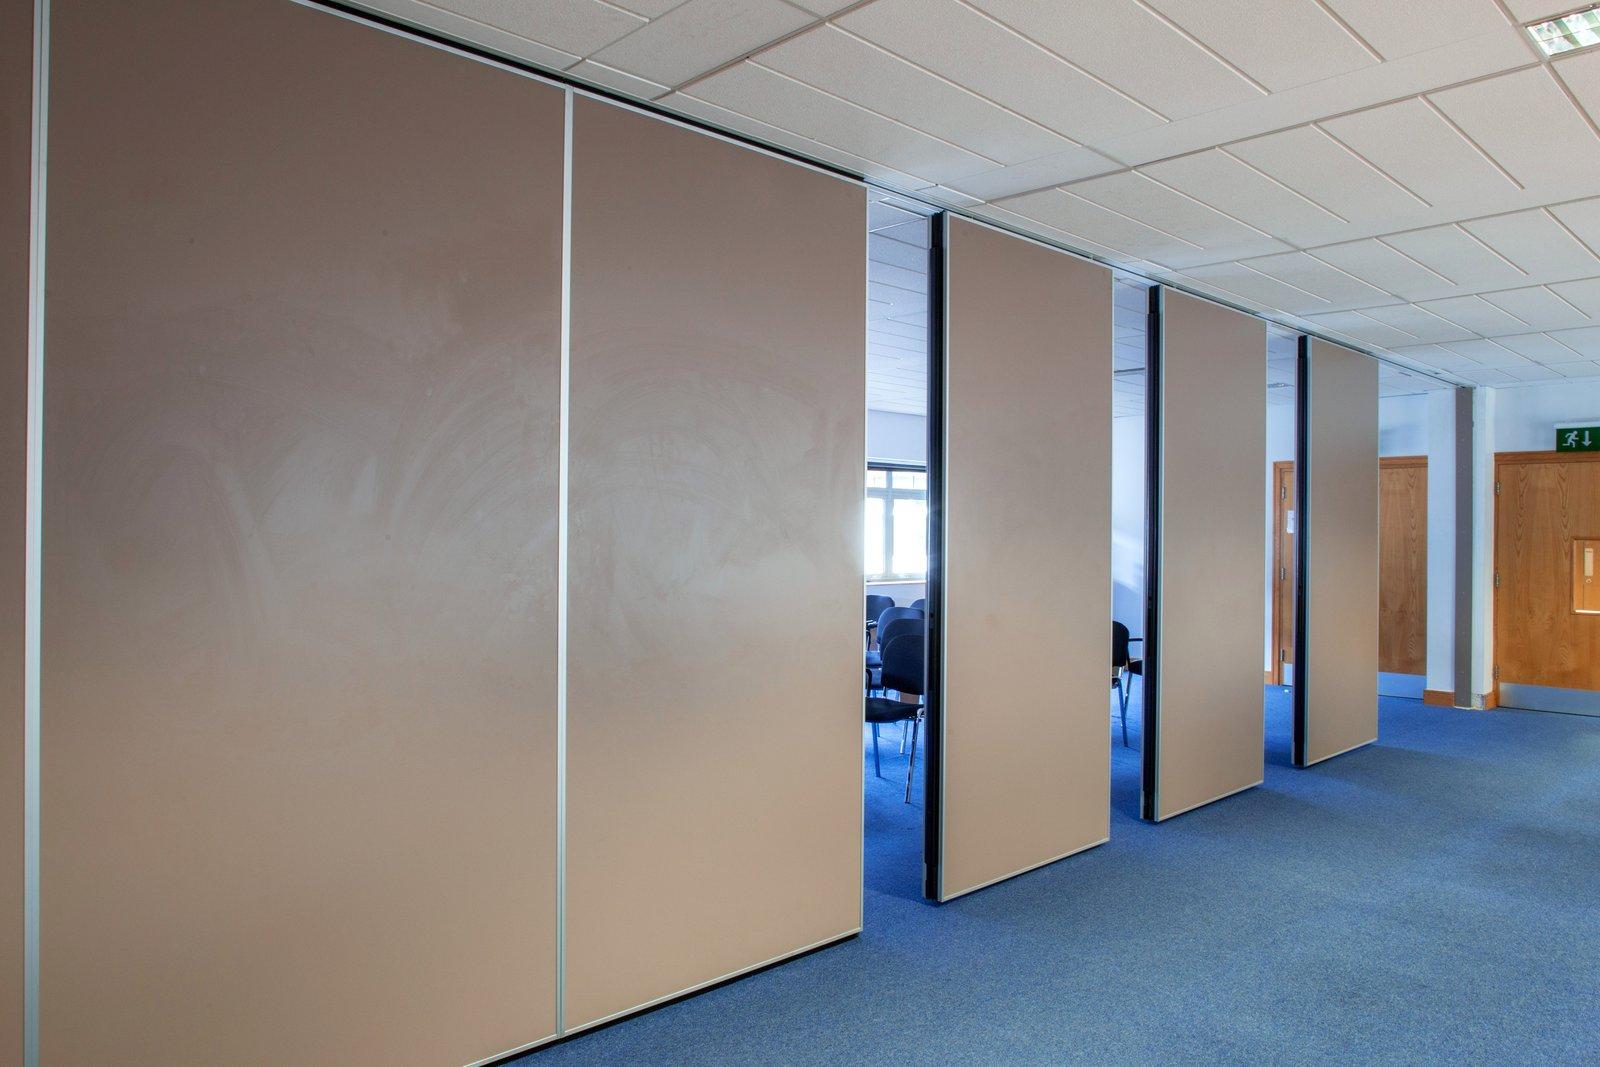 Paneelwand voor meerdere vergaderruimtes